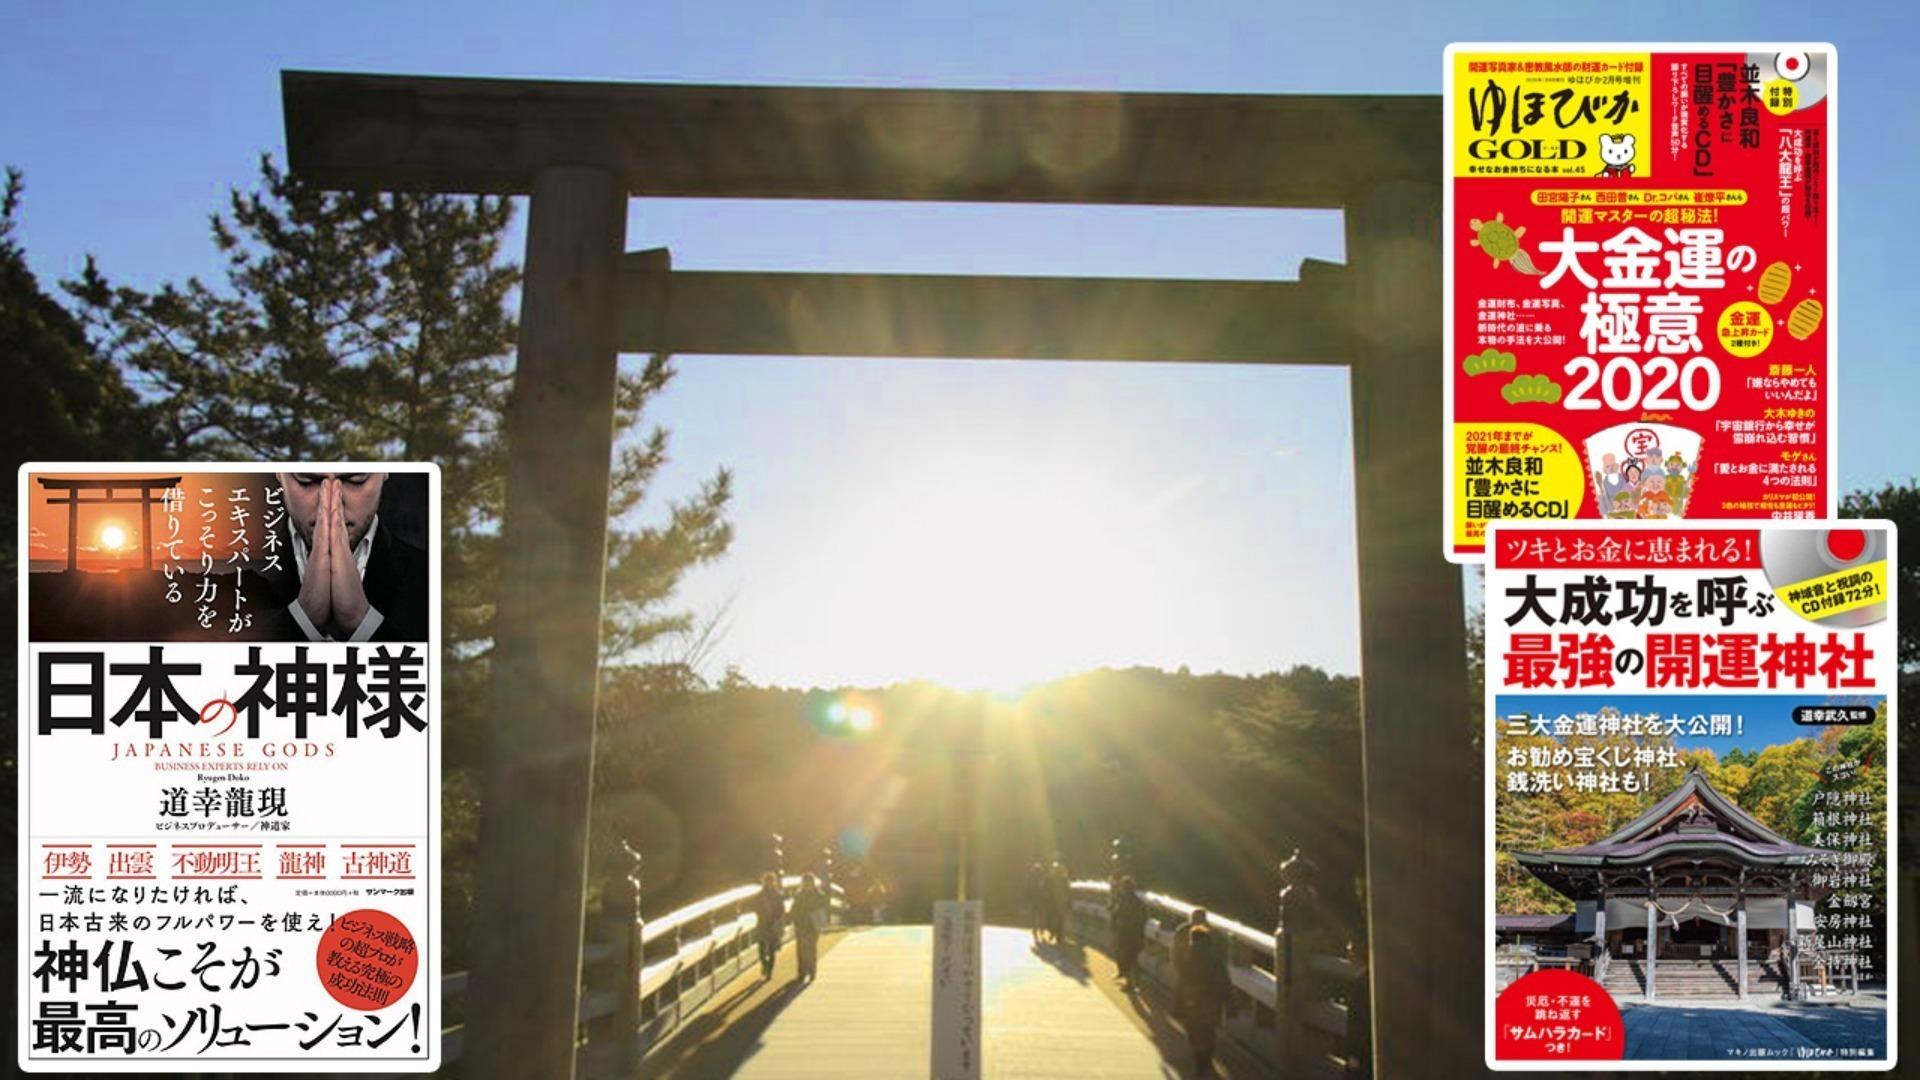 21.4.16【神道編】四天王寺にて物部守屋の怨霊を開放